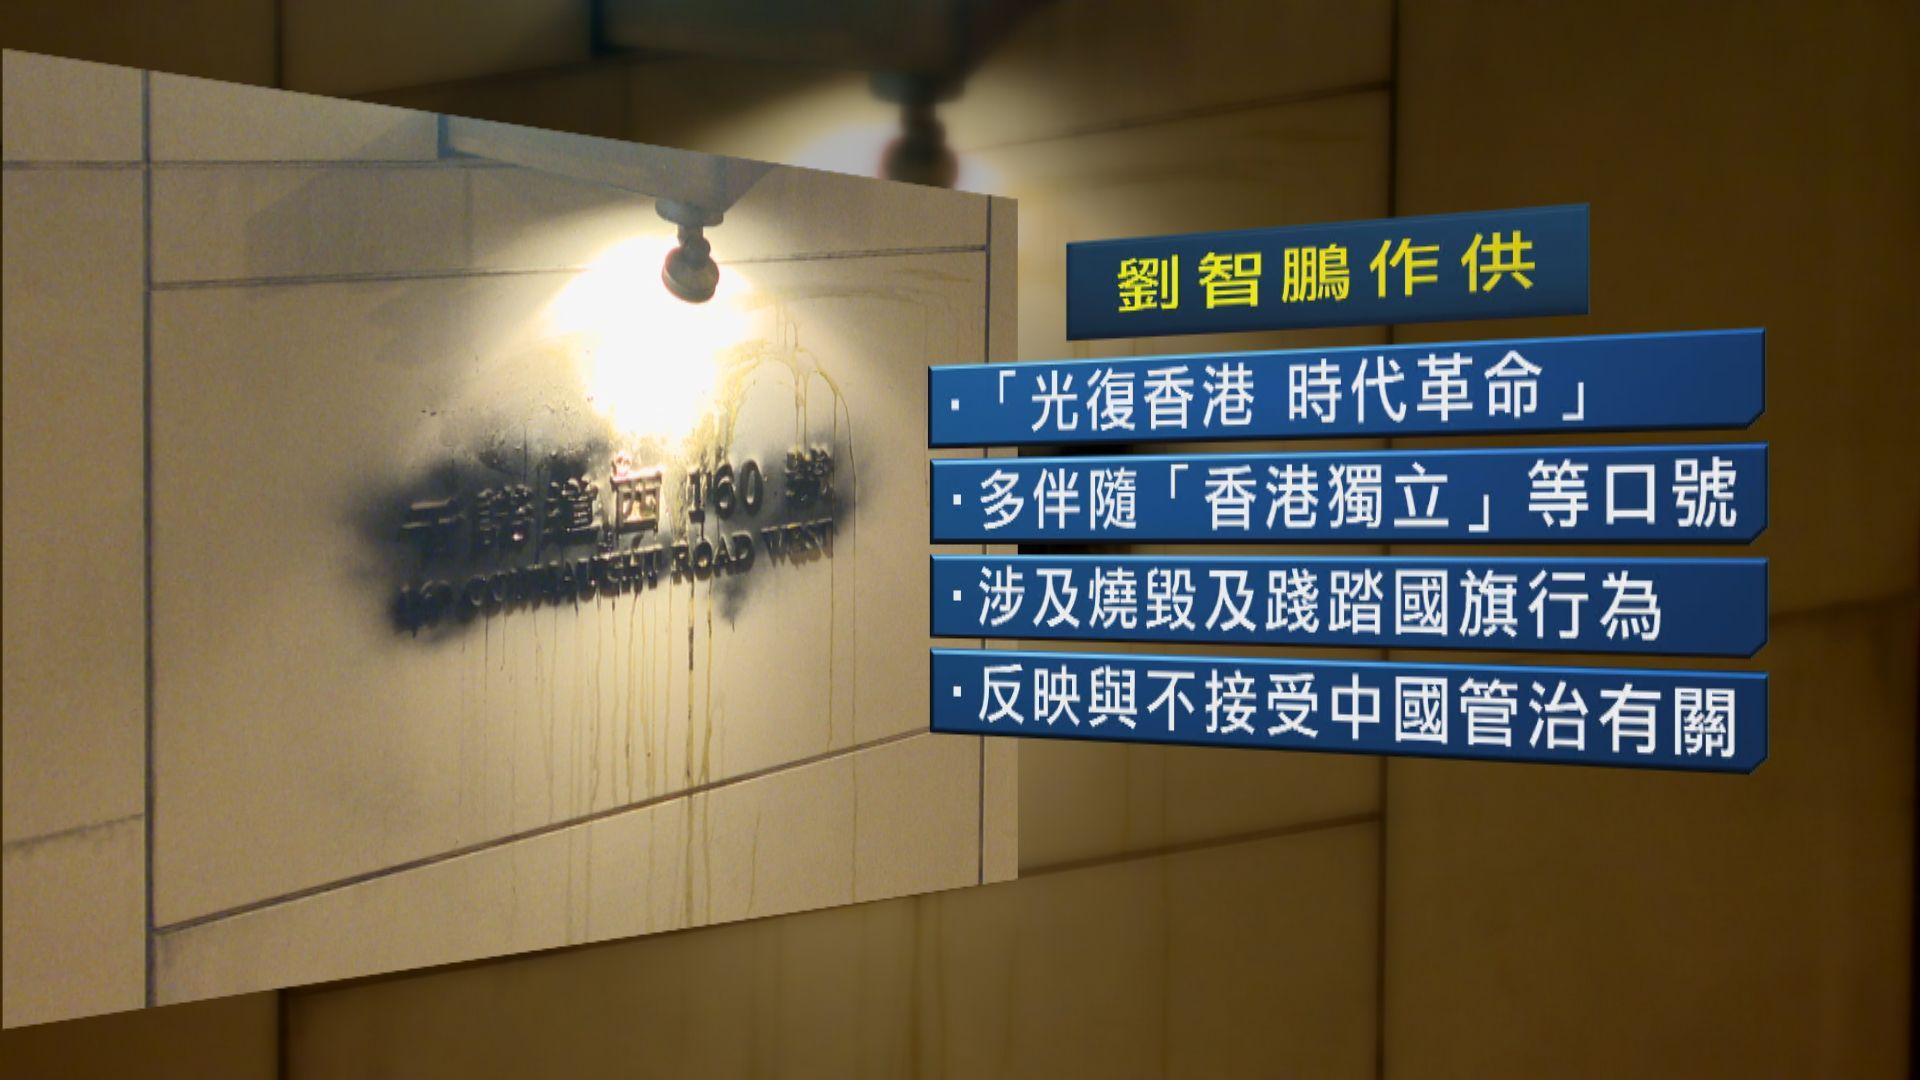 唐英傑案 專家證人:光時口號挑戰中國管治香港意思